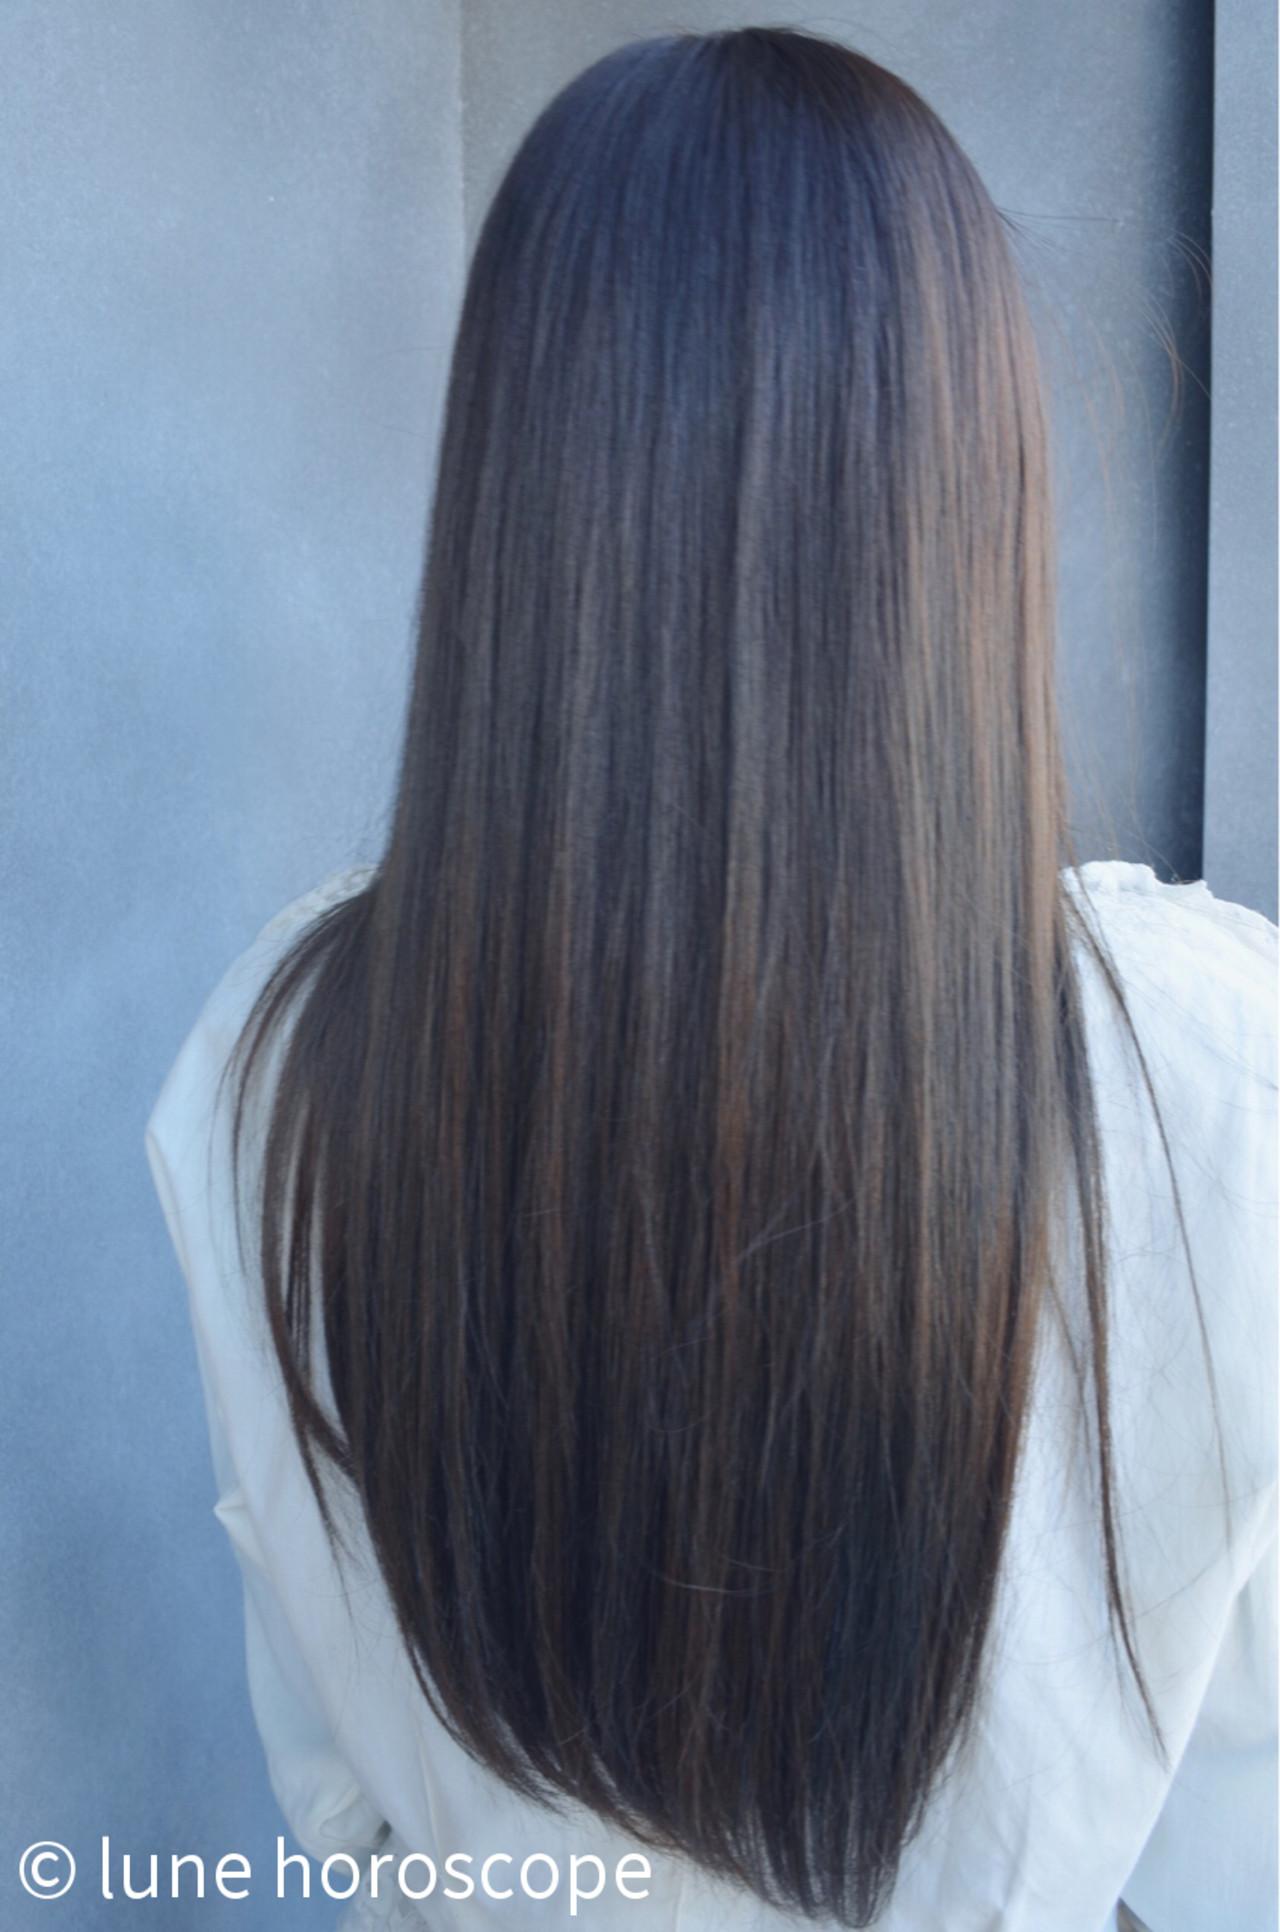 ナチュラル アッシュ モテ髪 暗髪 ヘアスタイルや髪型の写真・画像